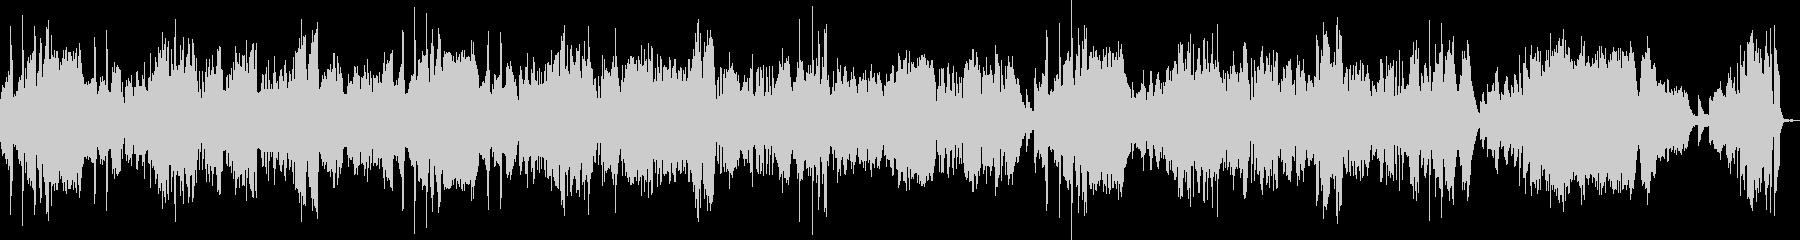 月光3楽章(ピアノソロ)の未再生の波形